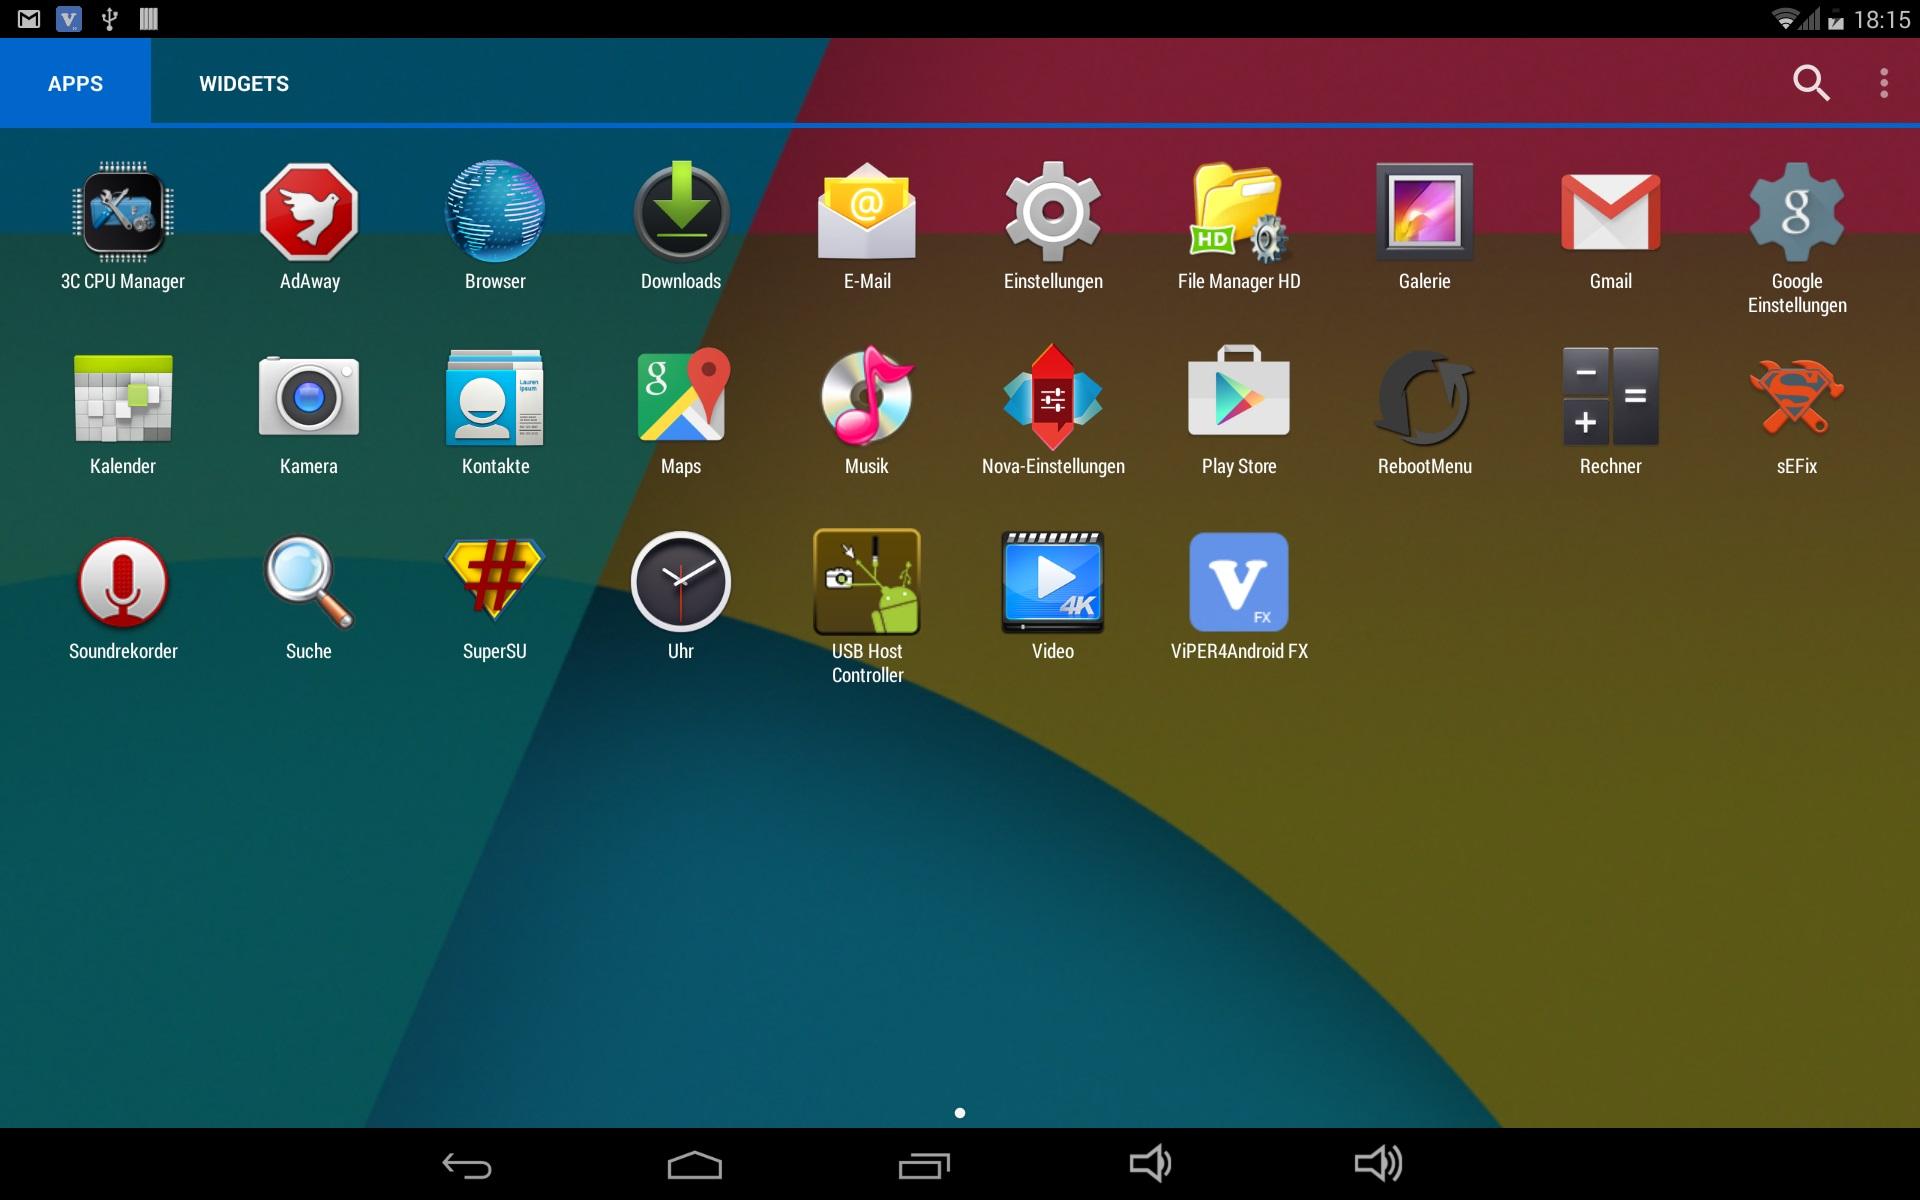 v1.0_apps-4.jpg